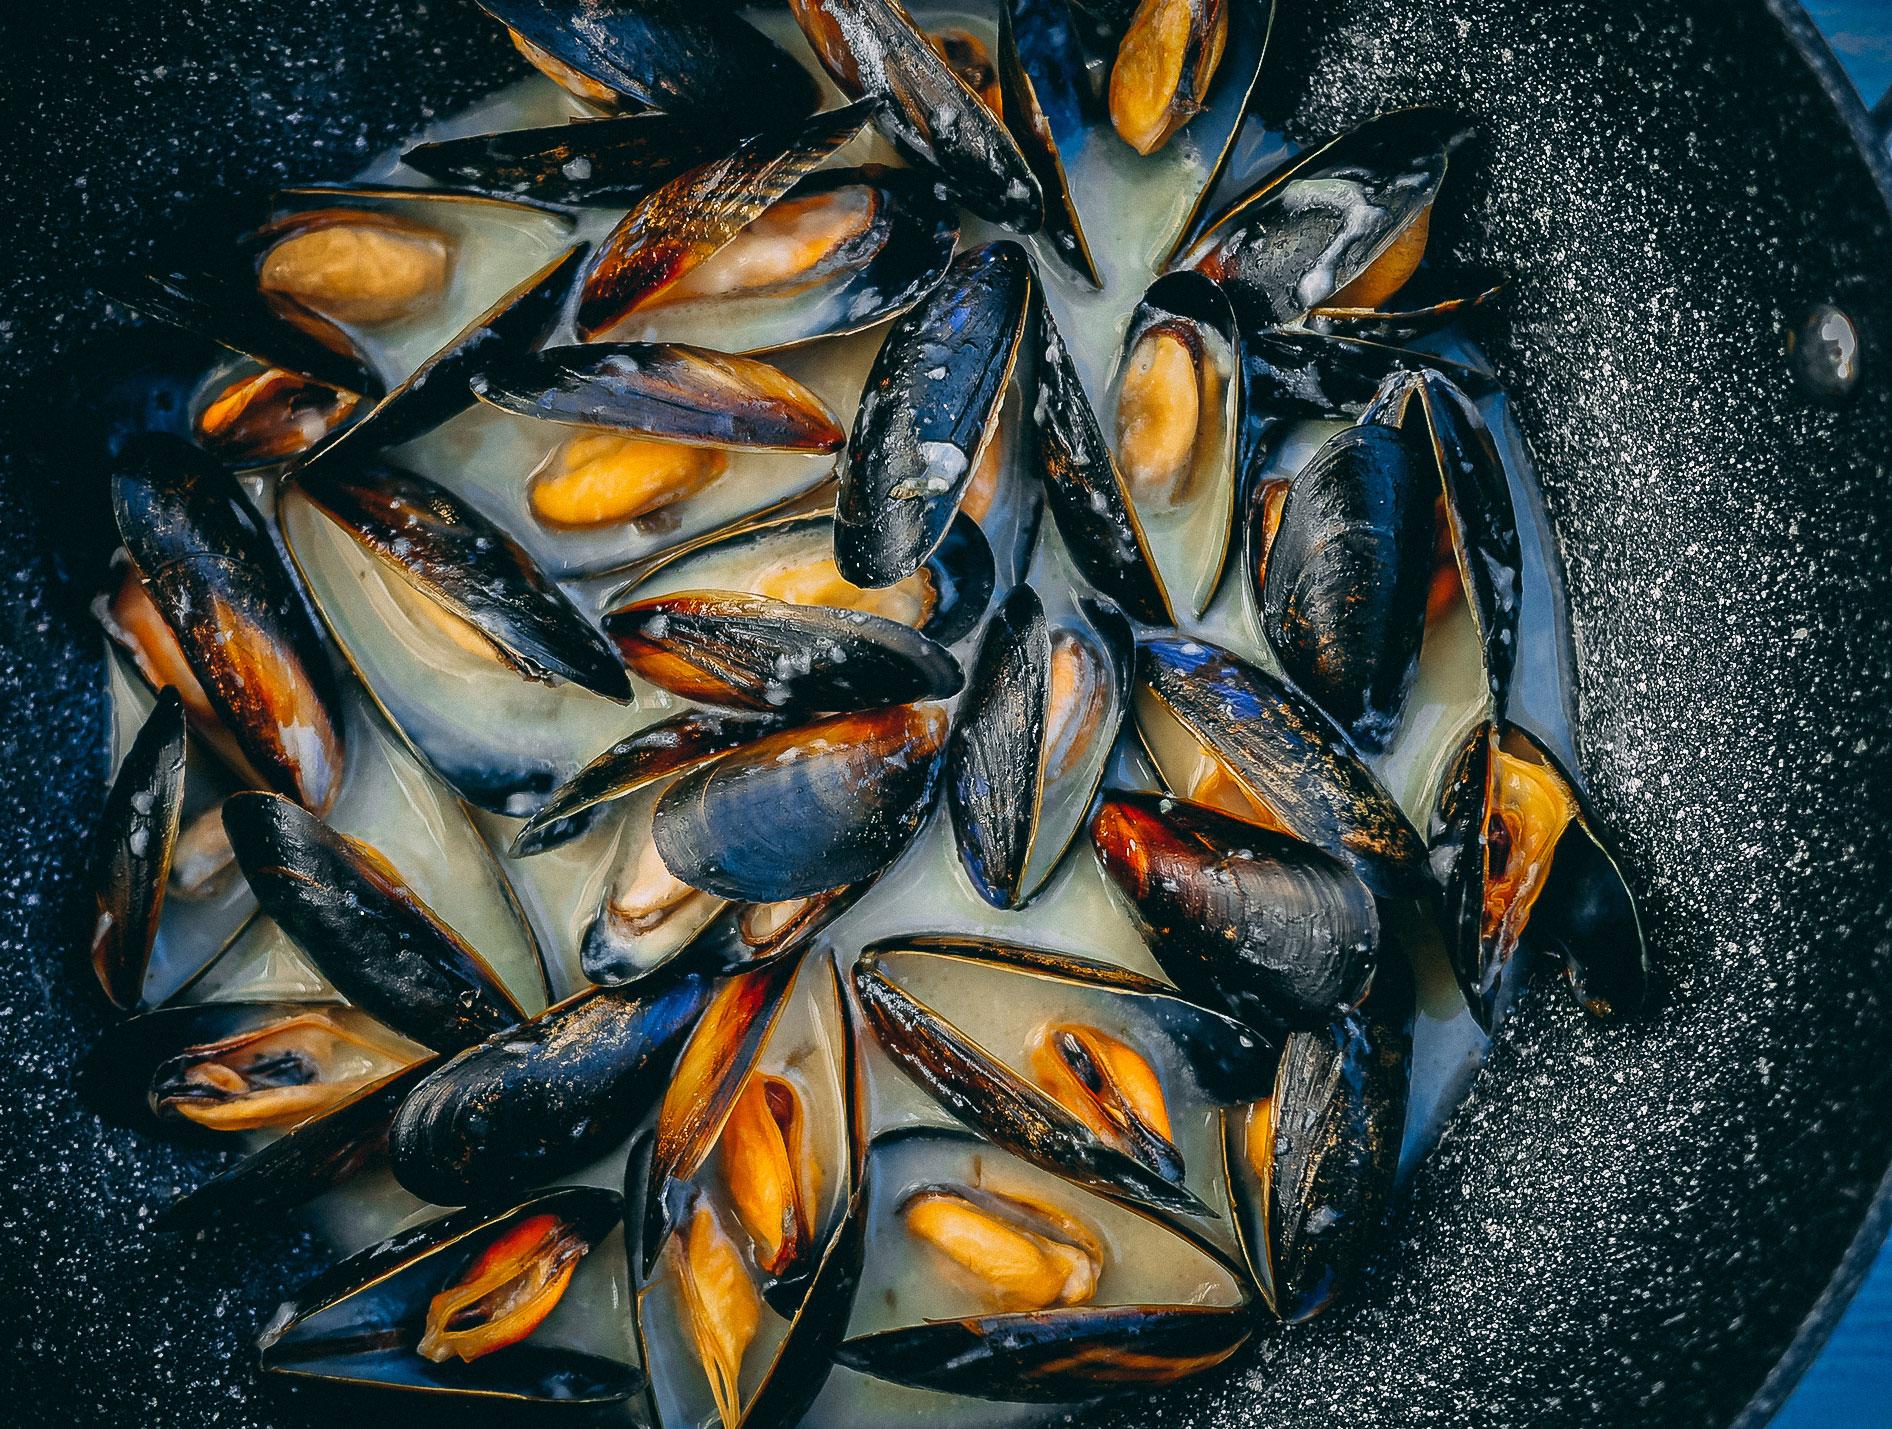 _2-mussels-web.jpg